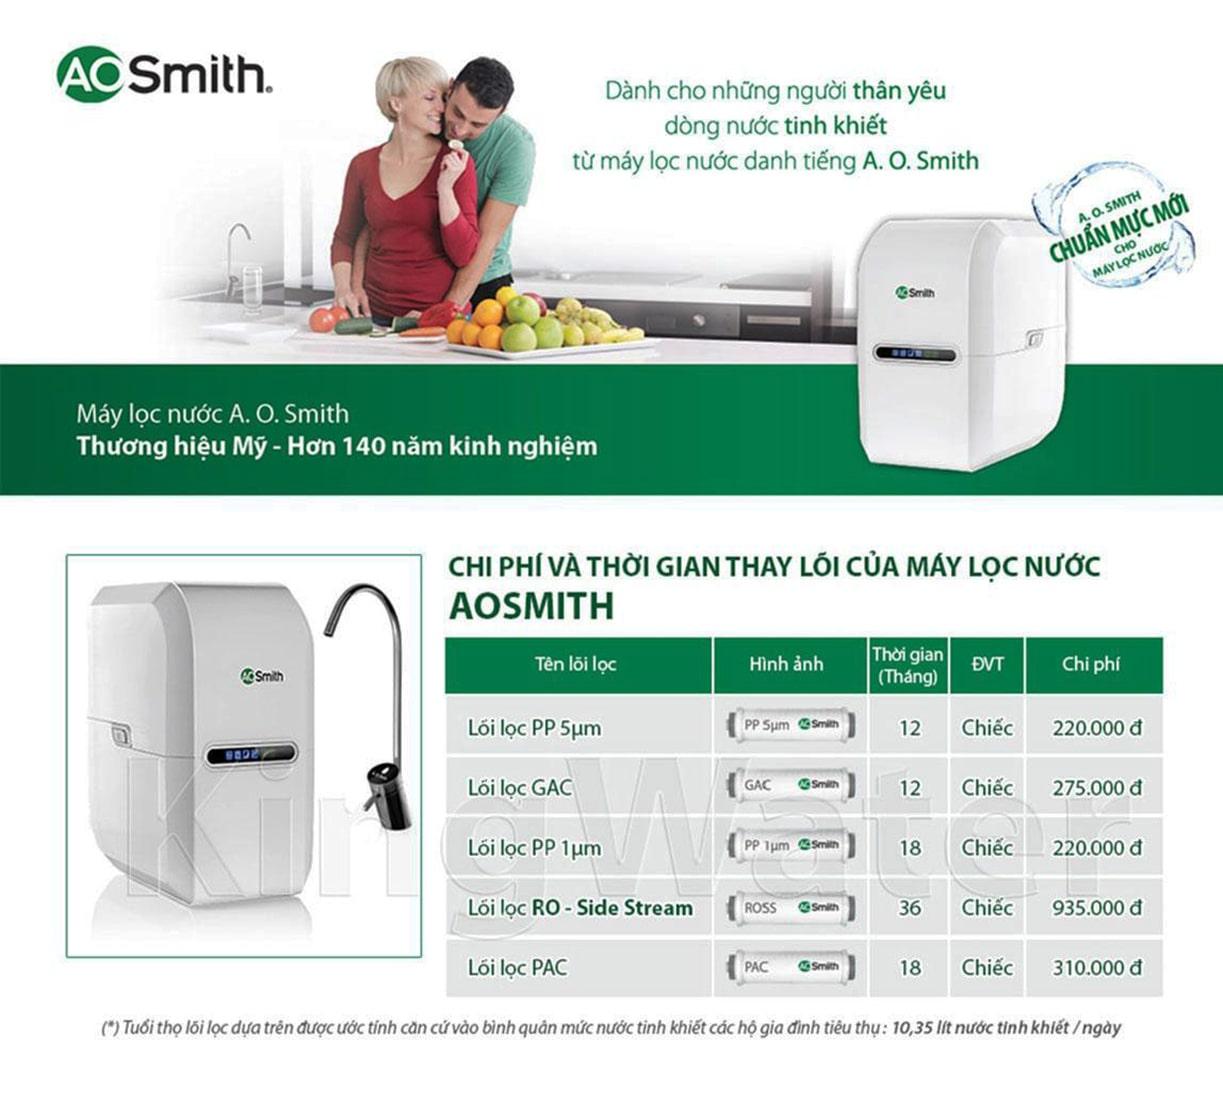 Chi phí và thời gian thay lõi máy lọc Aosmith E2